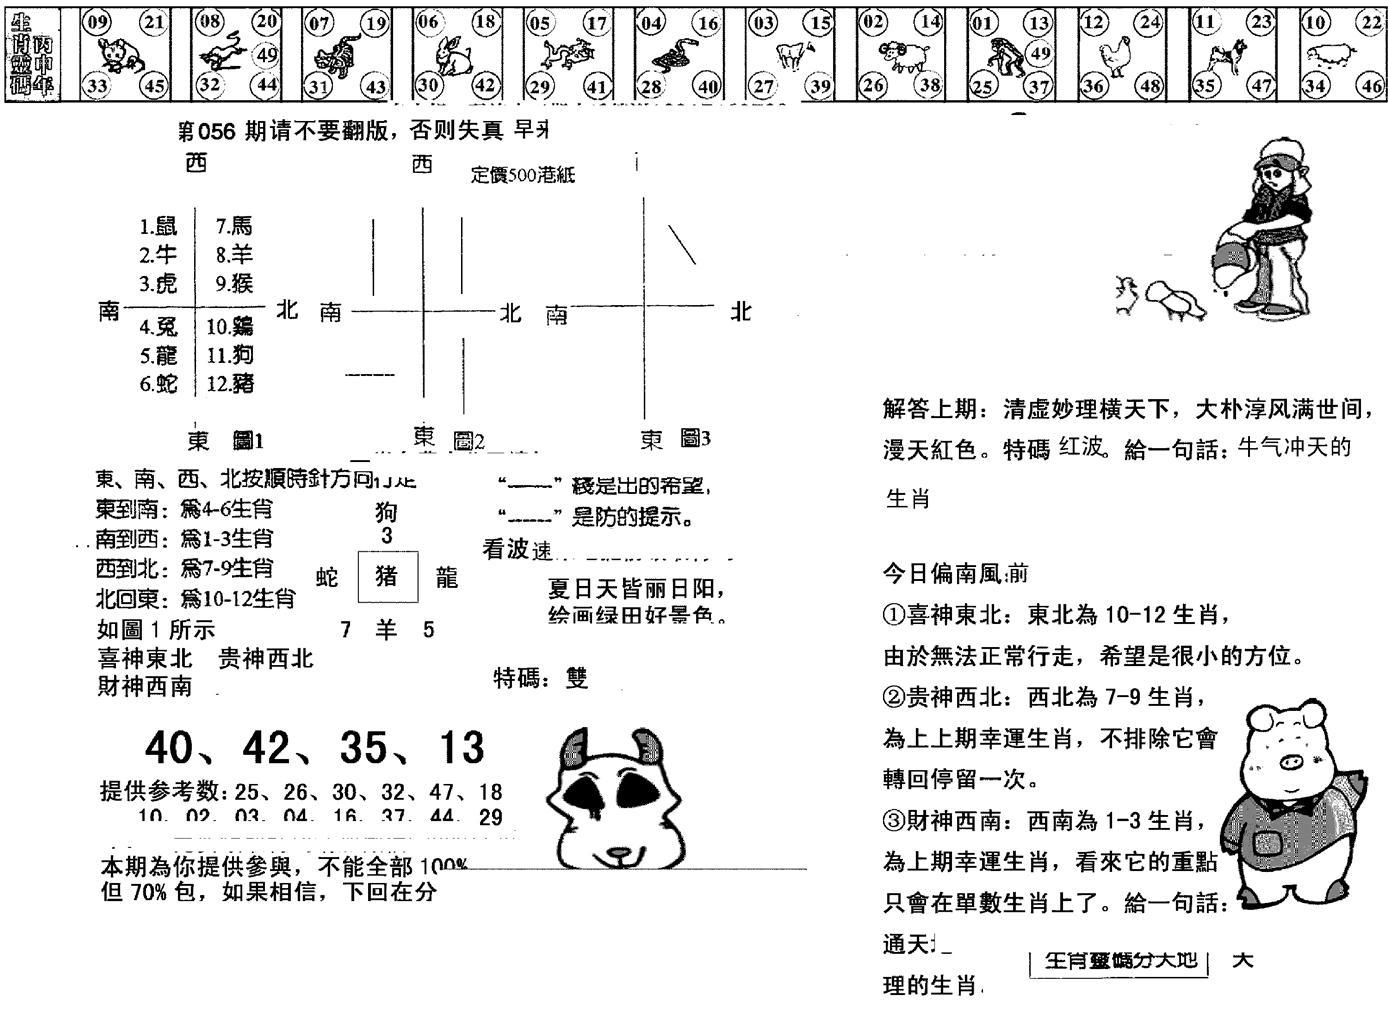 056期正版澳门足球报(黑白)